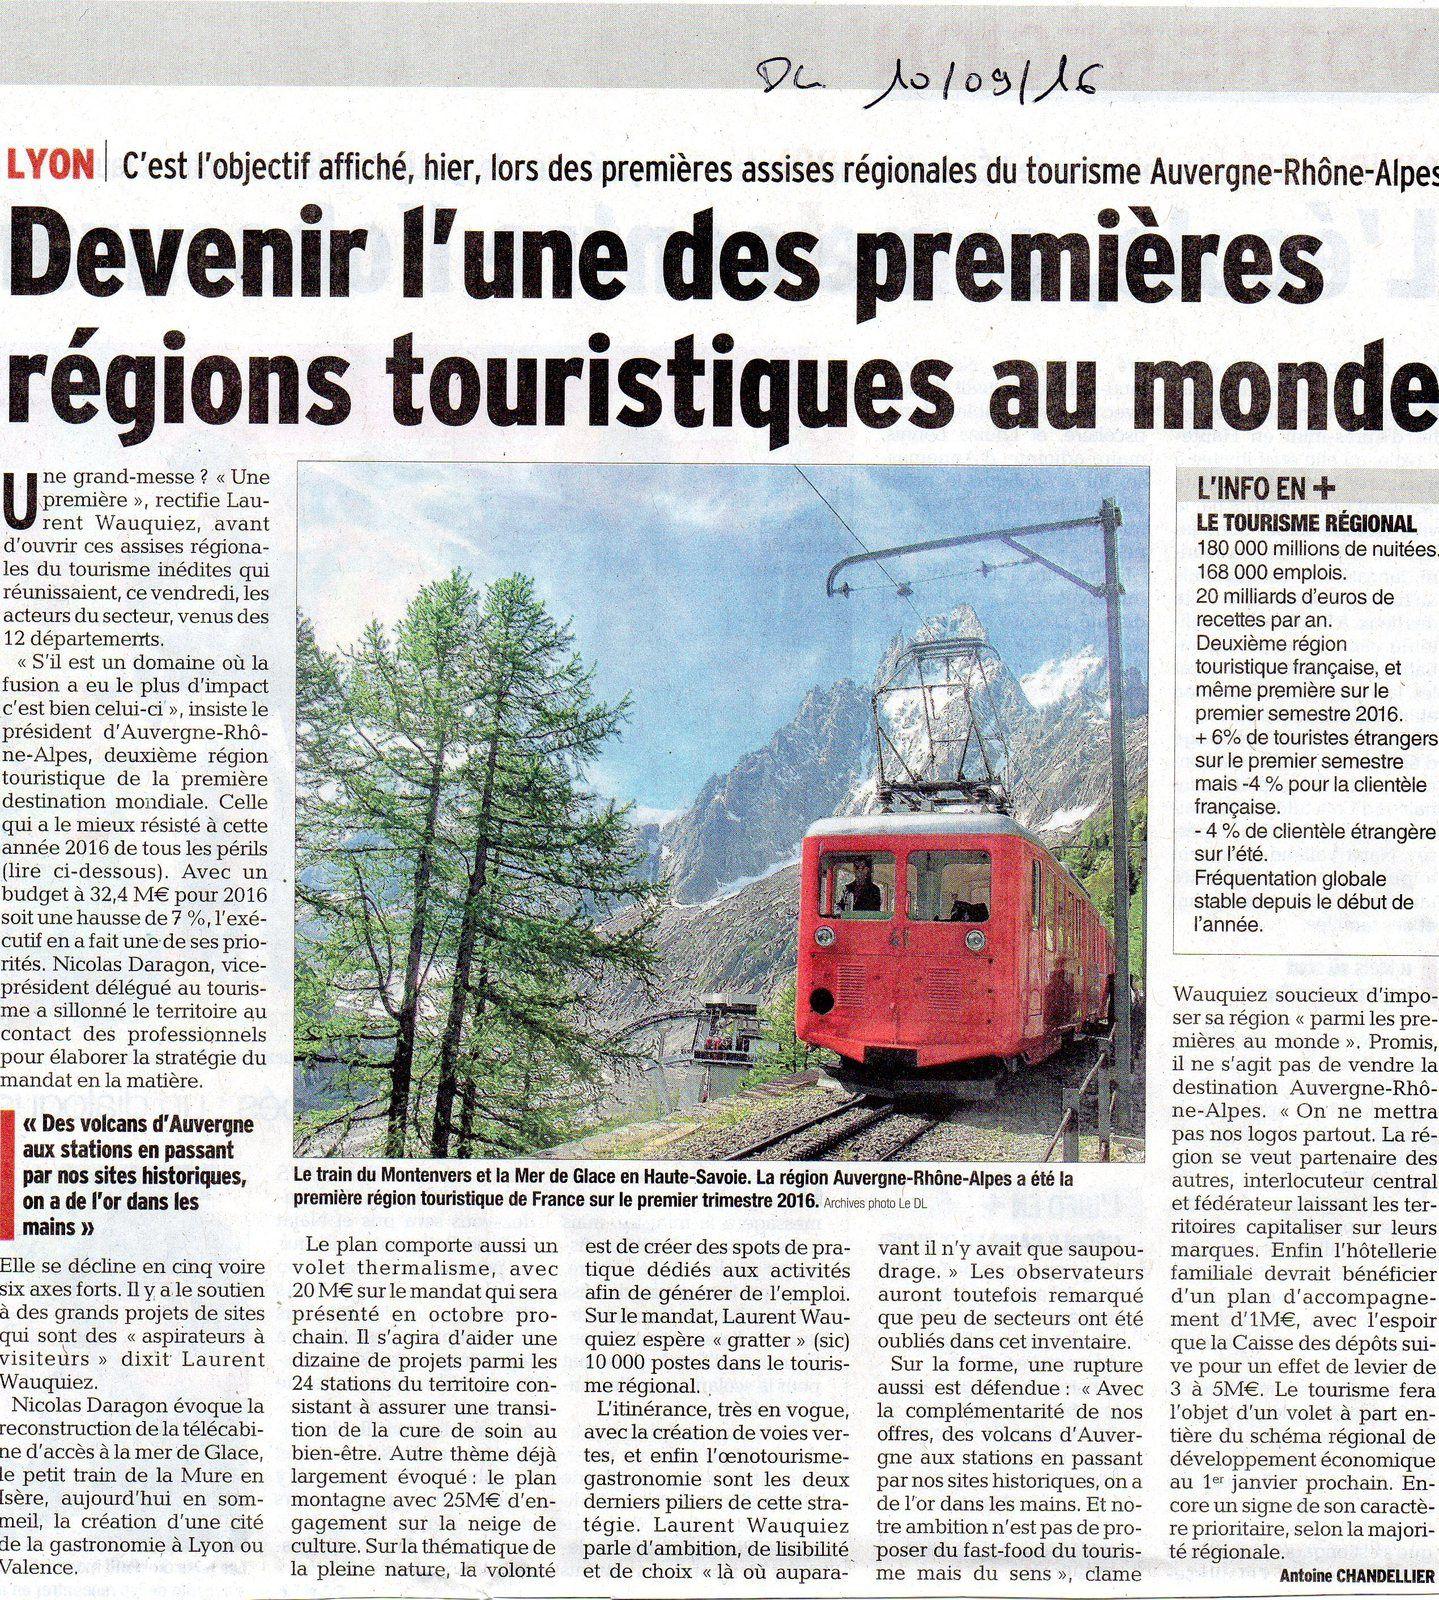 Train du Montenvers 800 000 passagers à l'année